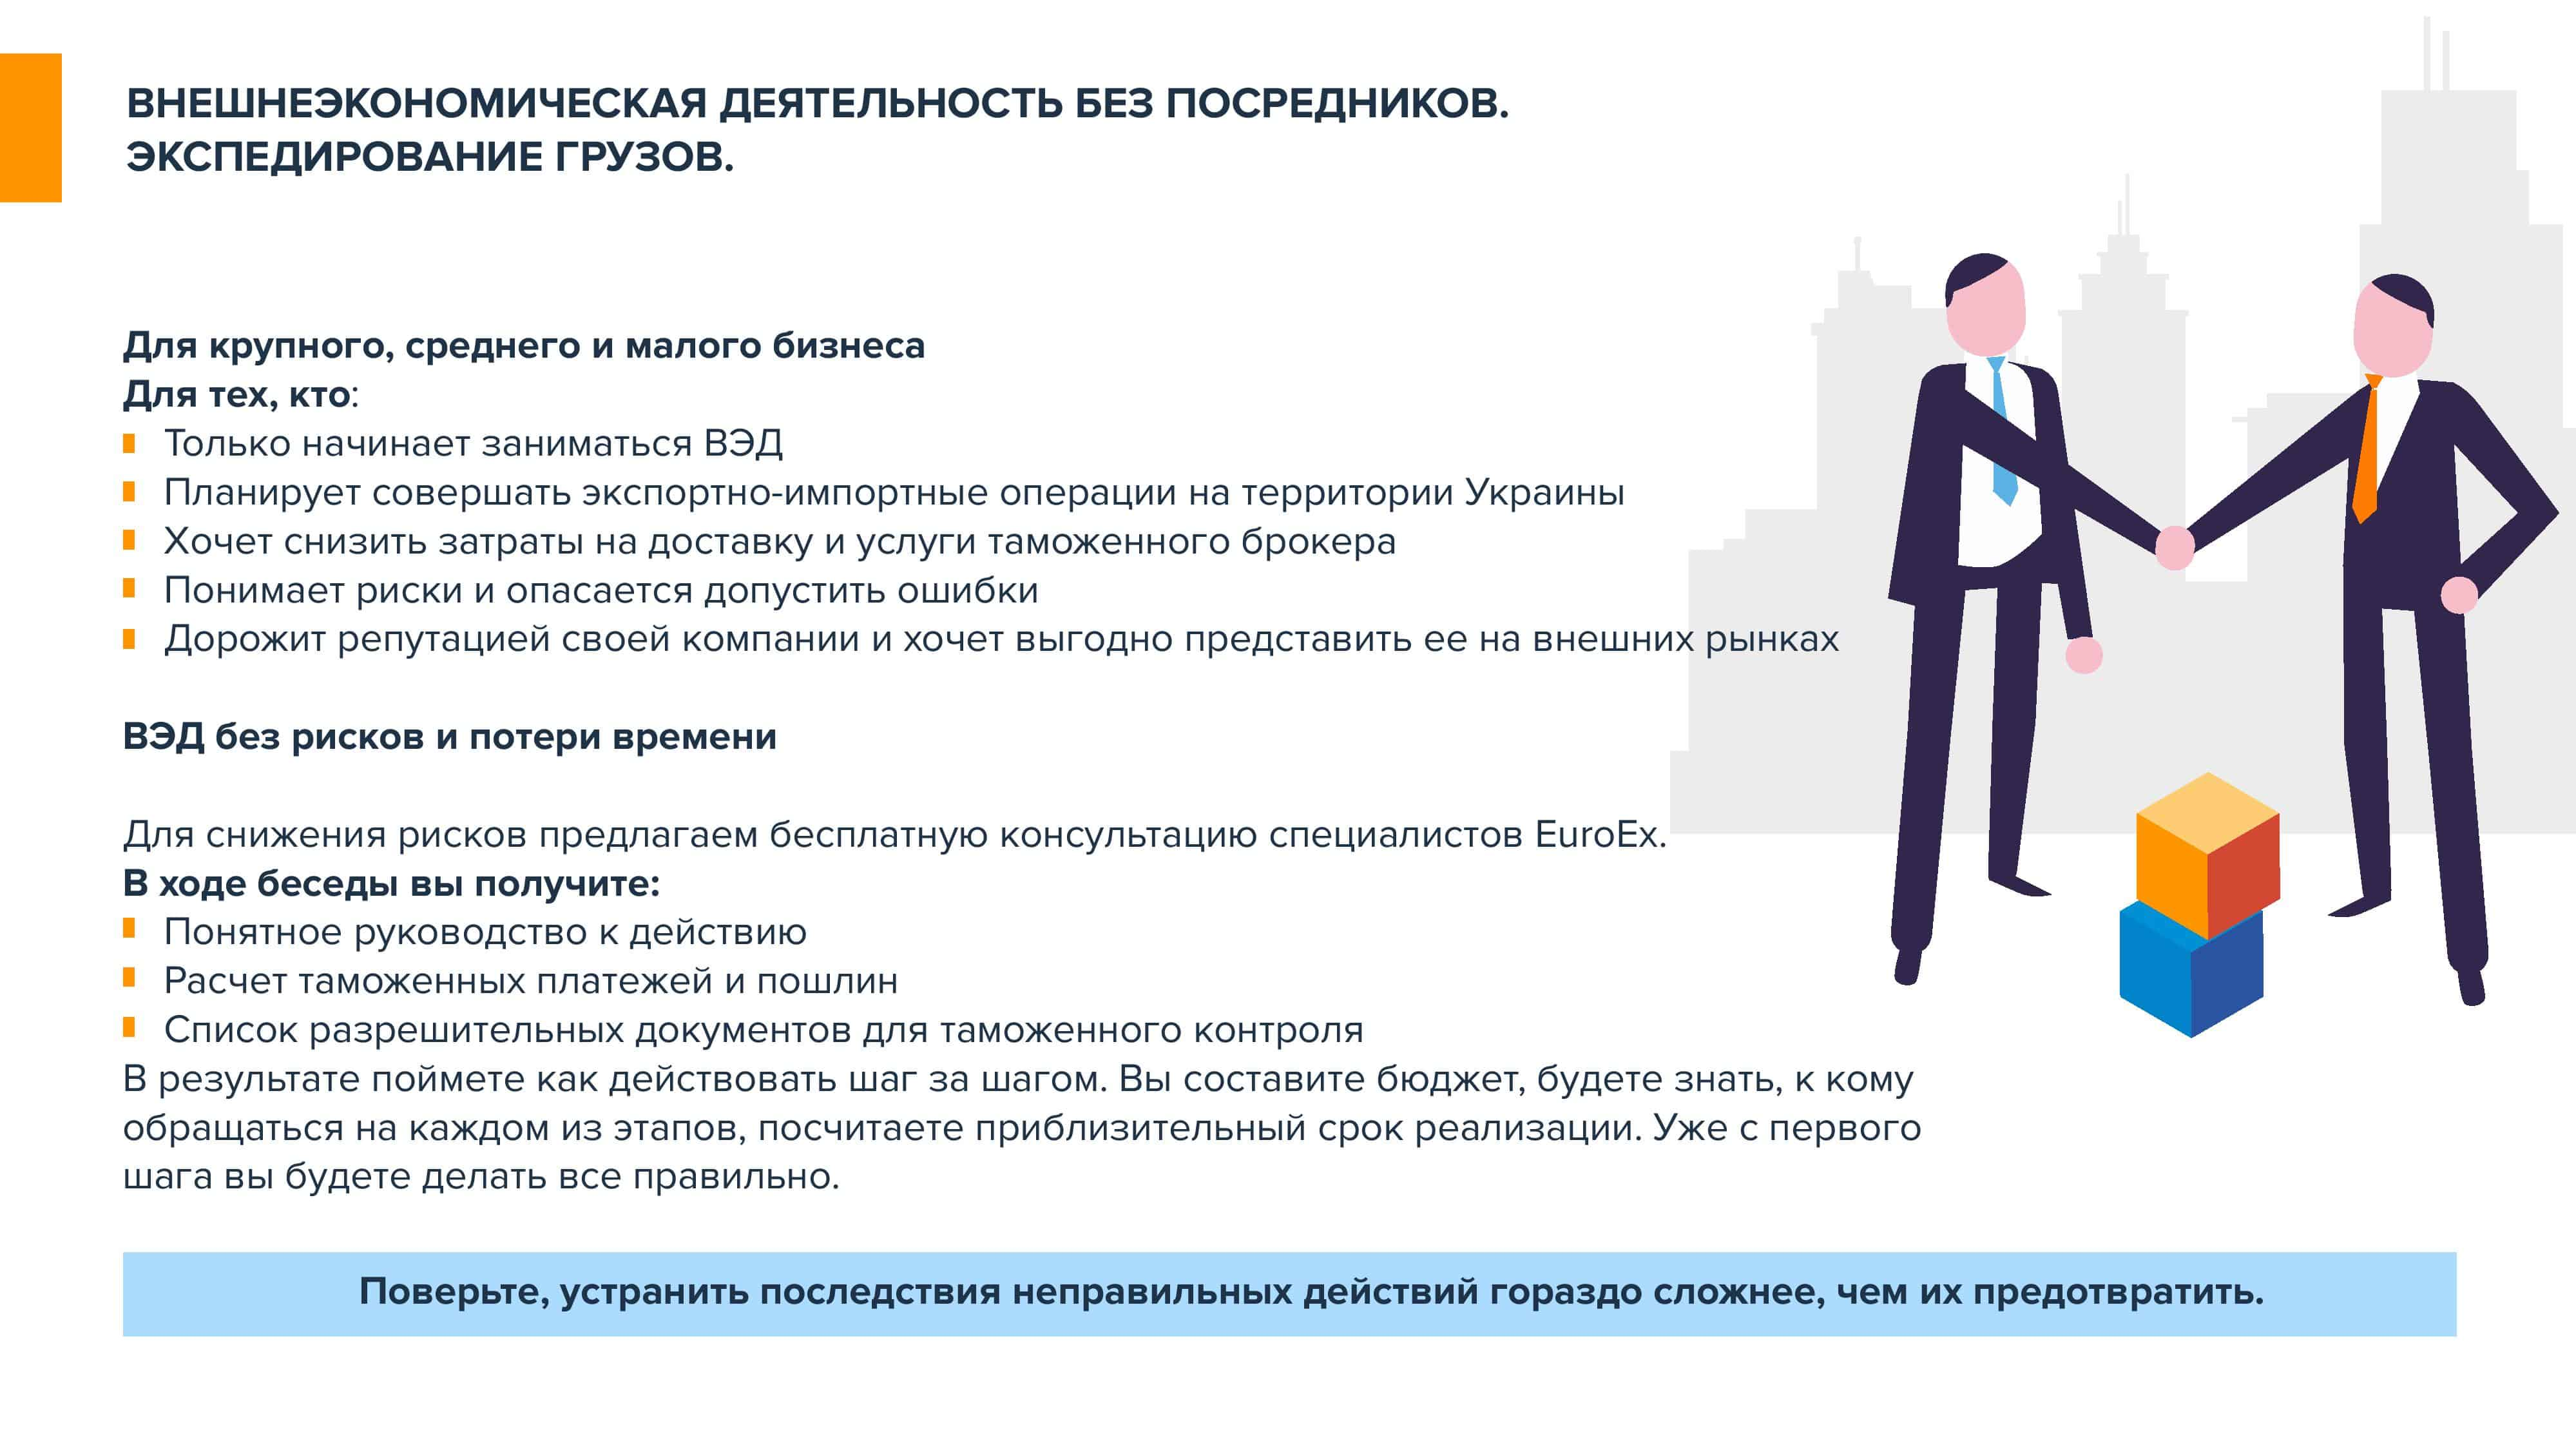 Prezentatsiya-EuroEx - Международная доставка грузов — транспортно логистические перевозки в Украину   EuroEx-  фото4